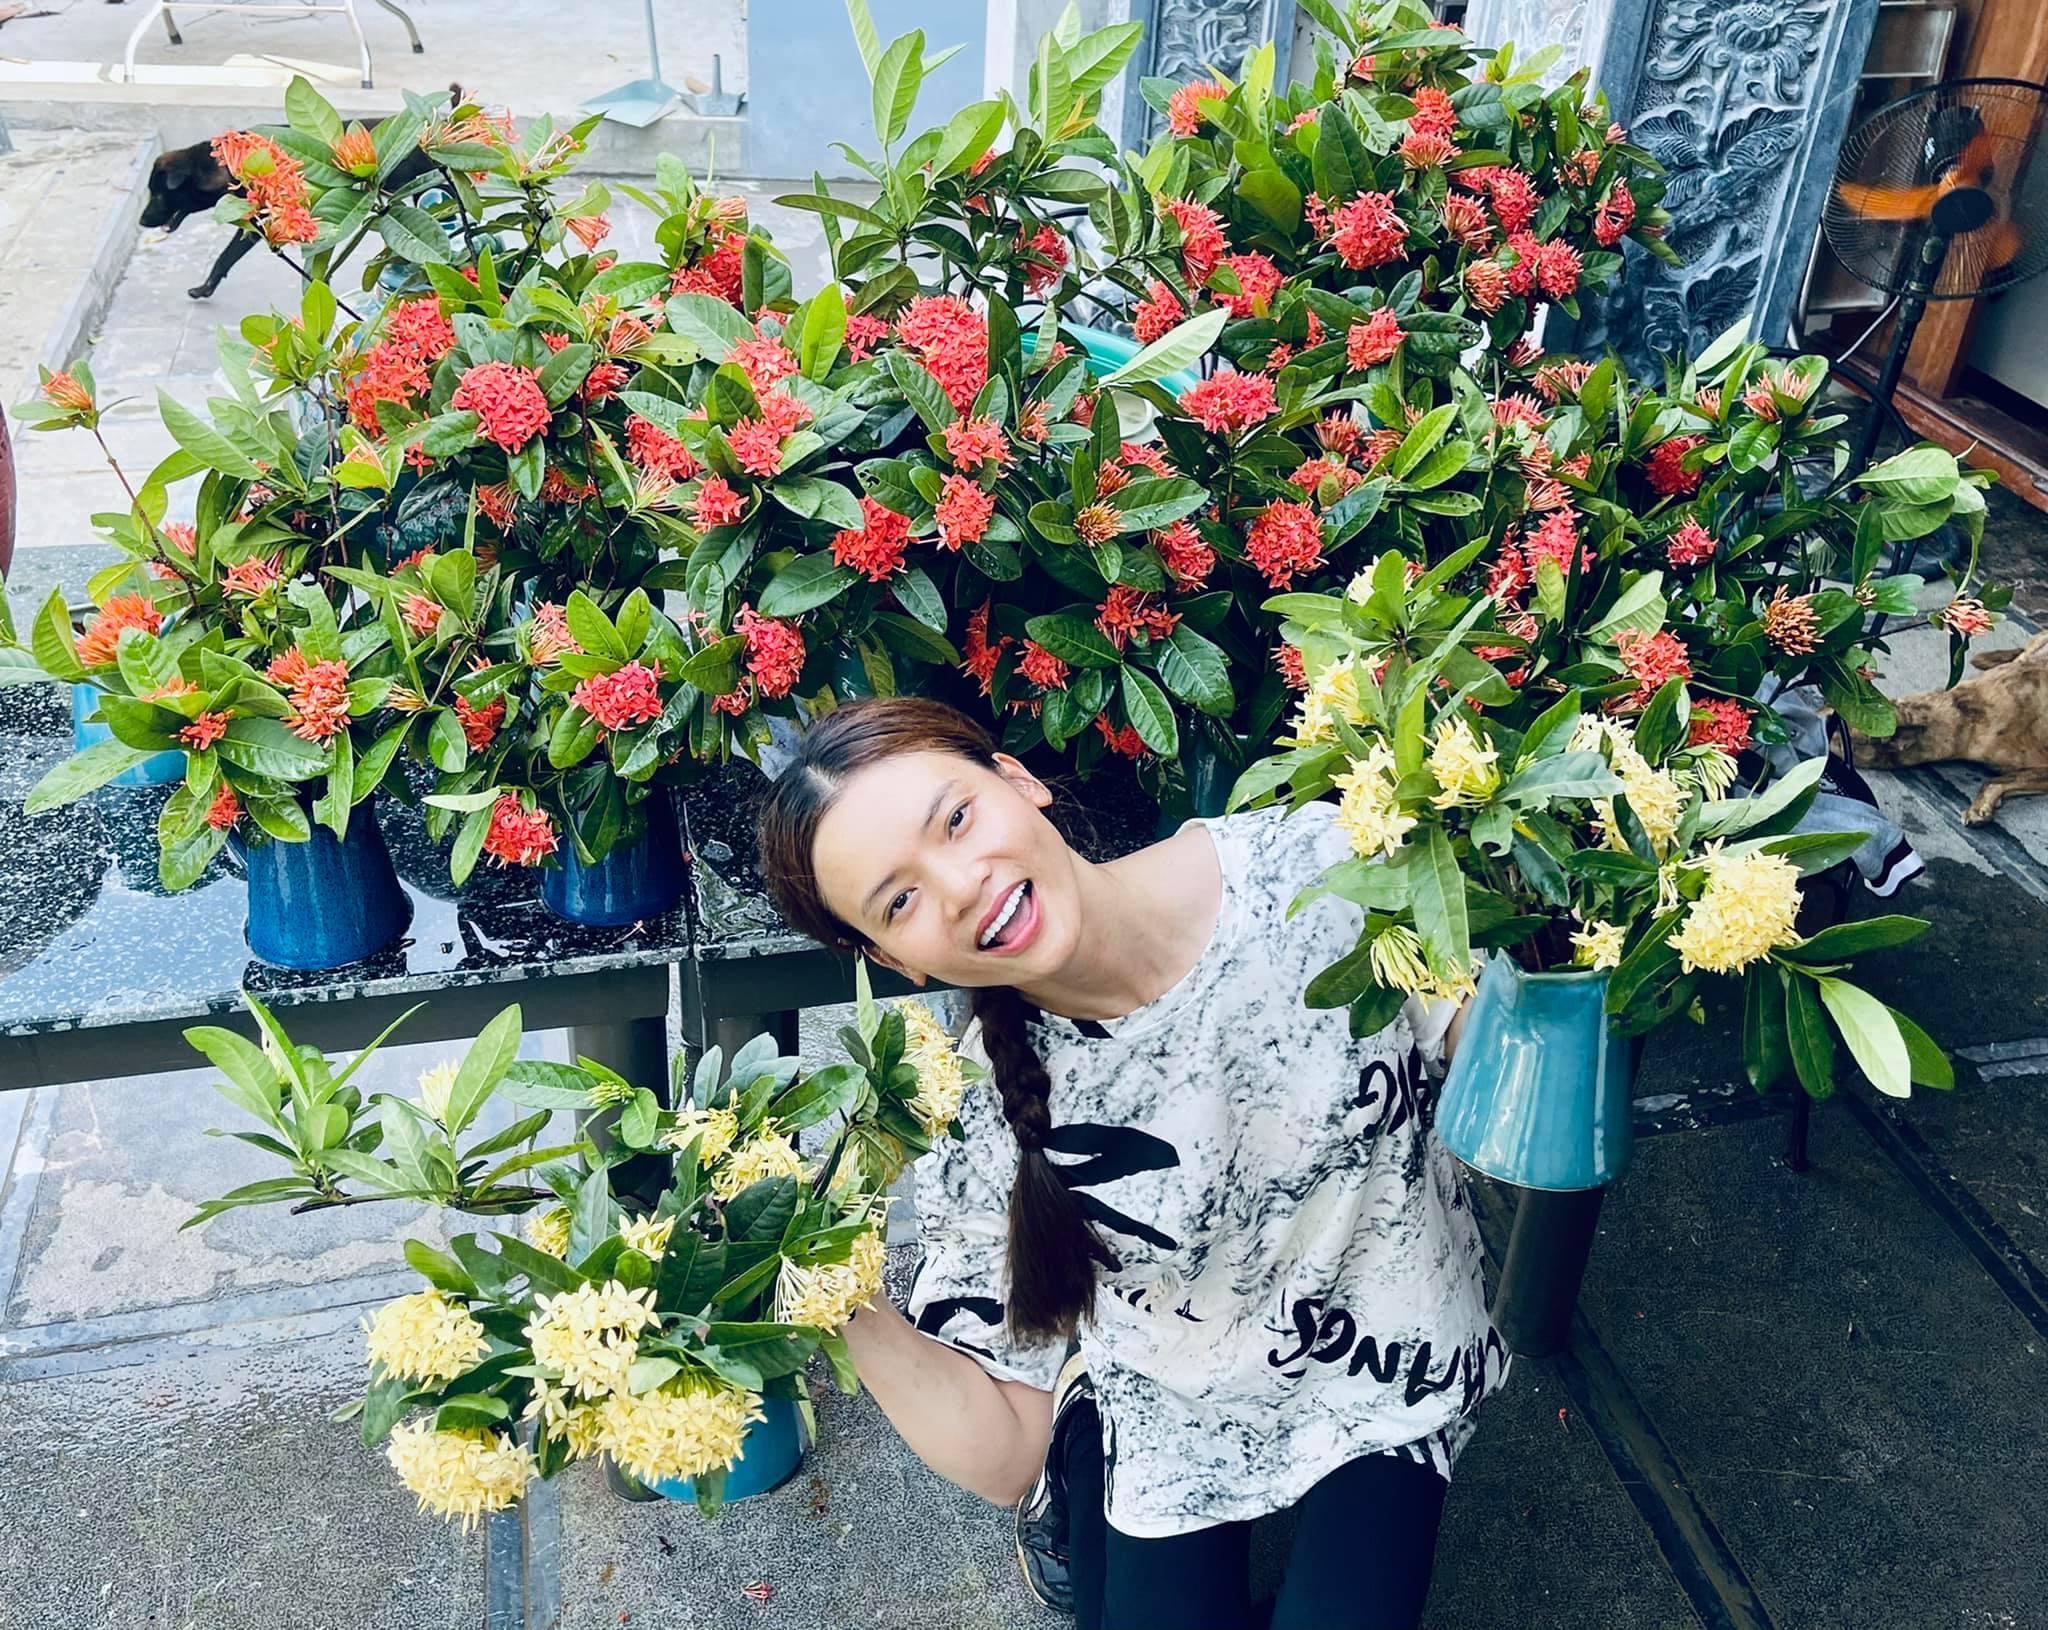 Phạm Phương Thảo U40 đẹp mặn mà, yêu thích làm vườn